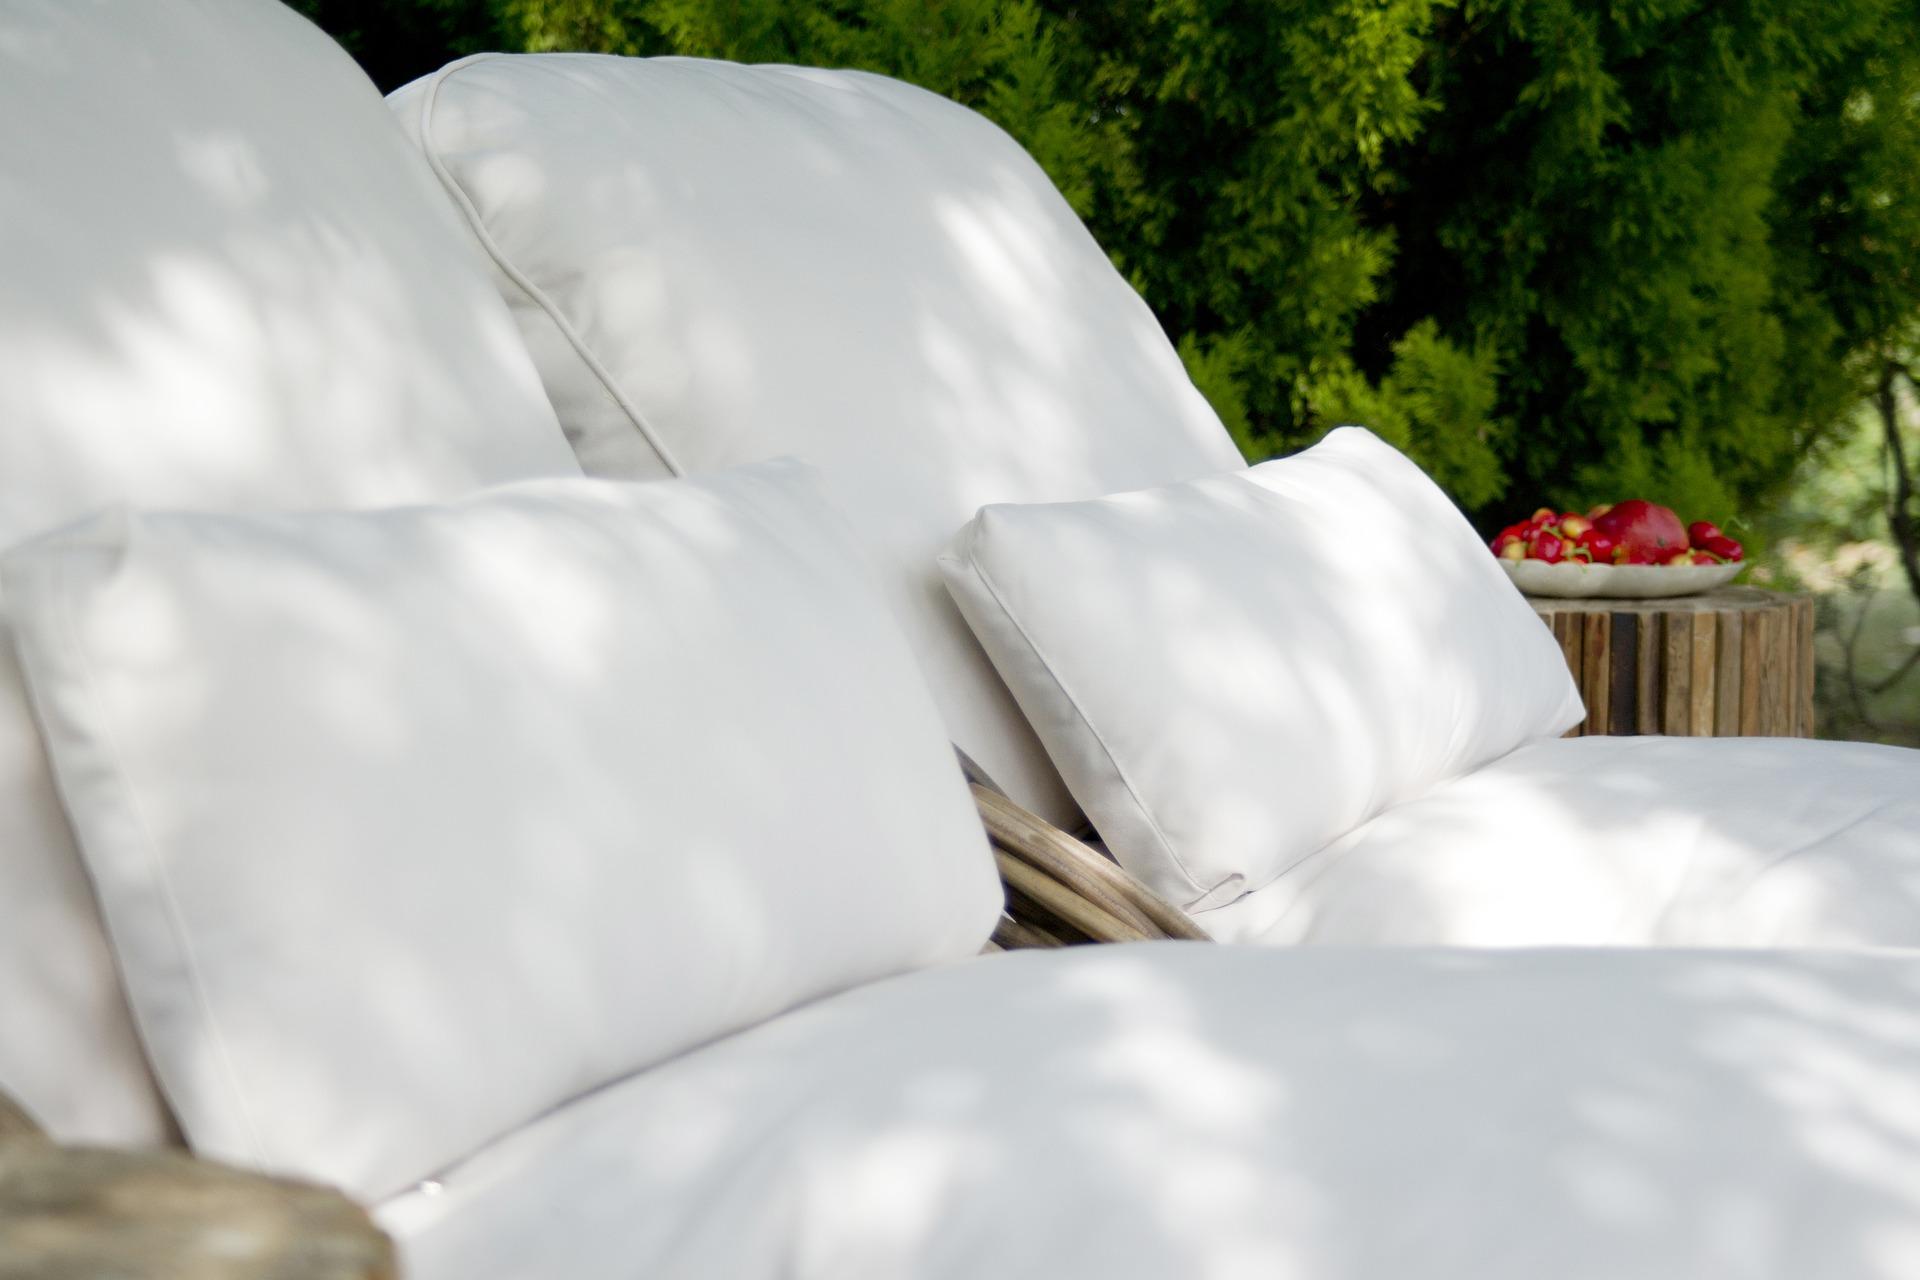 Sofy z technorattanu czy innych materiałów? Jaki materiał wybrać kupując sofy do ogrodu?